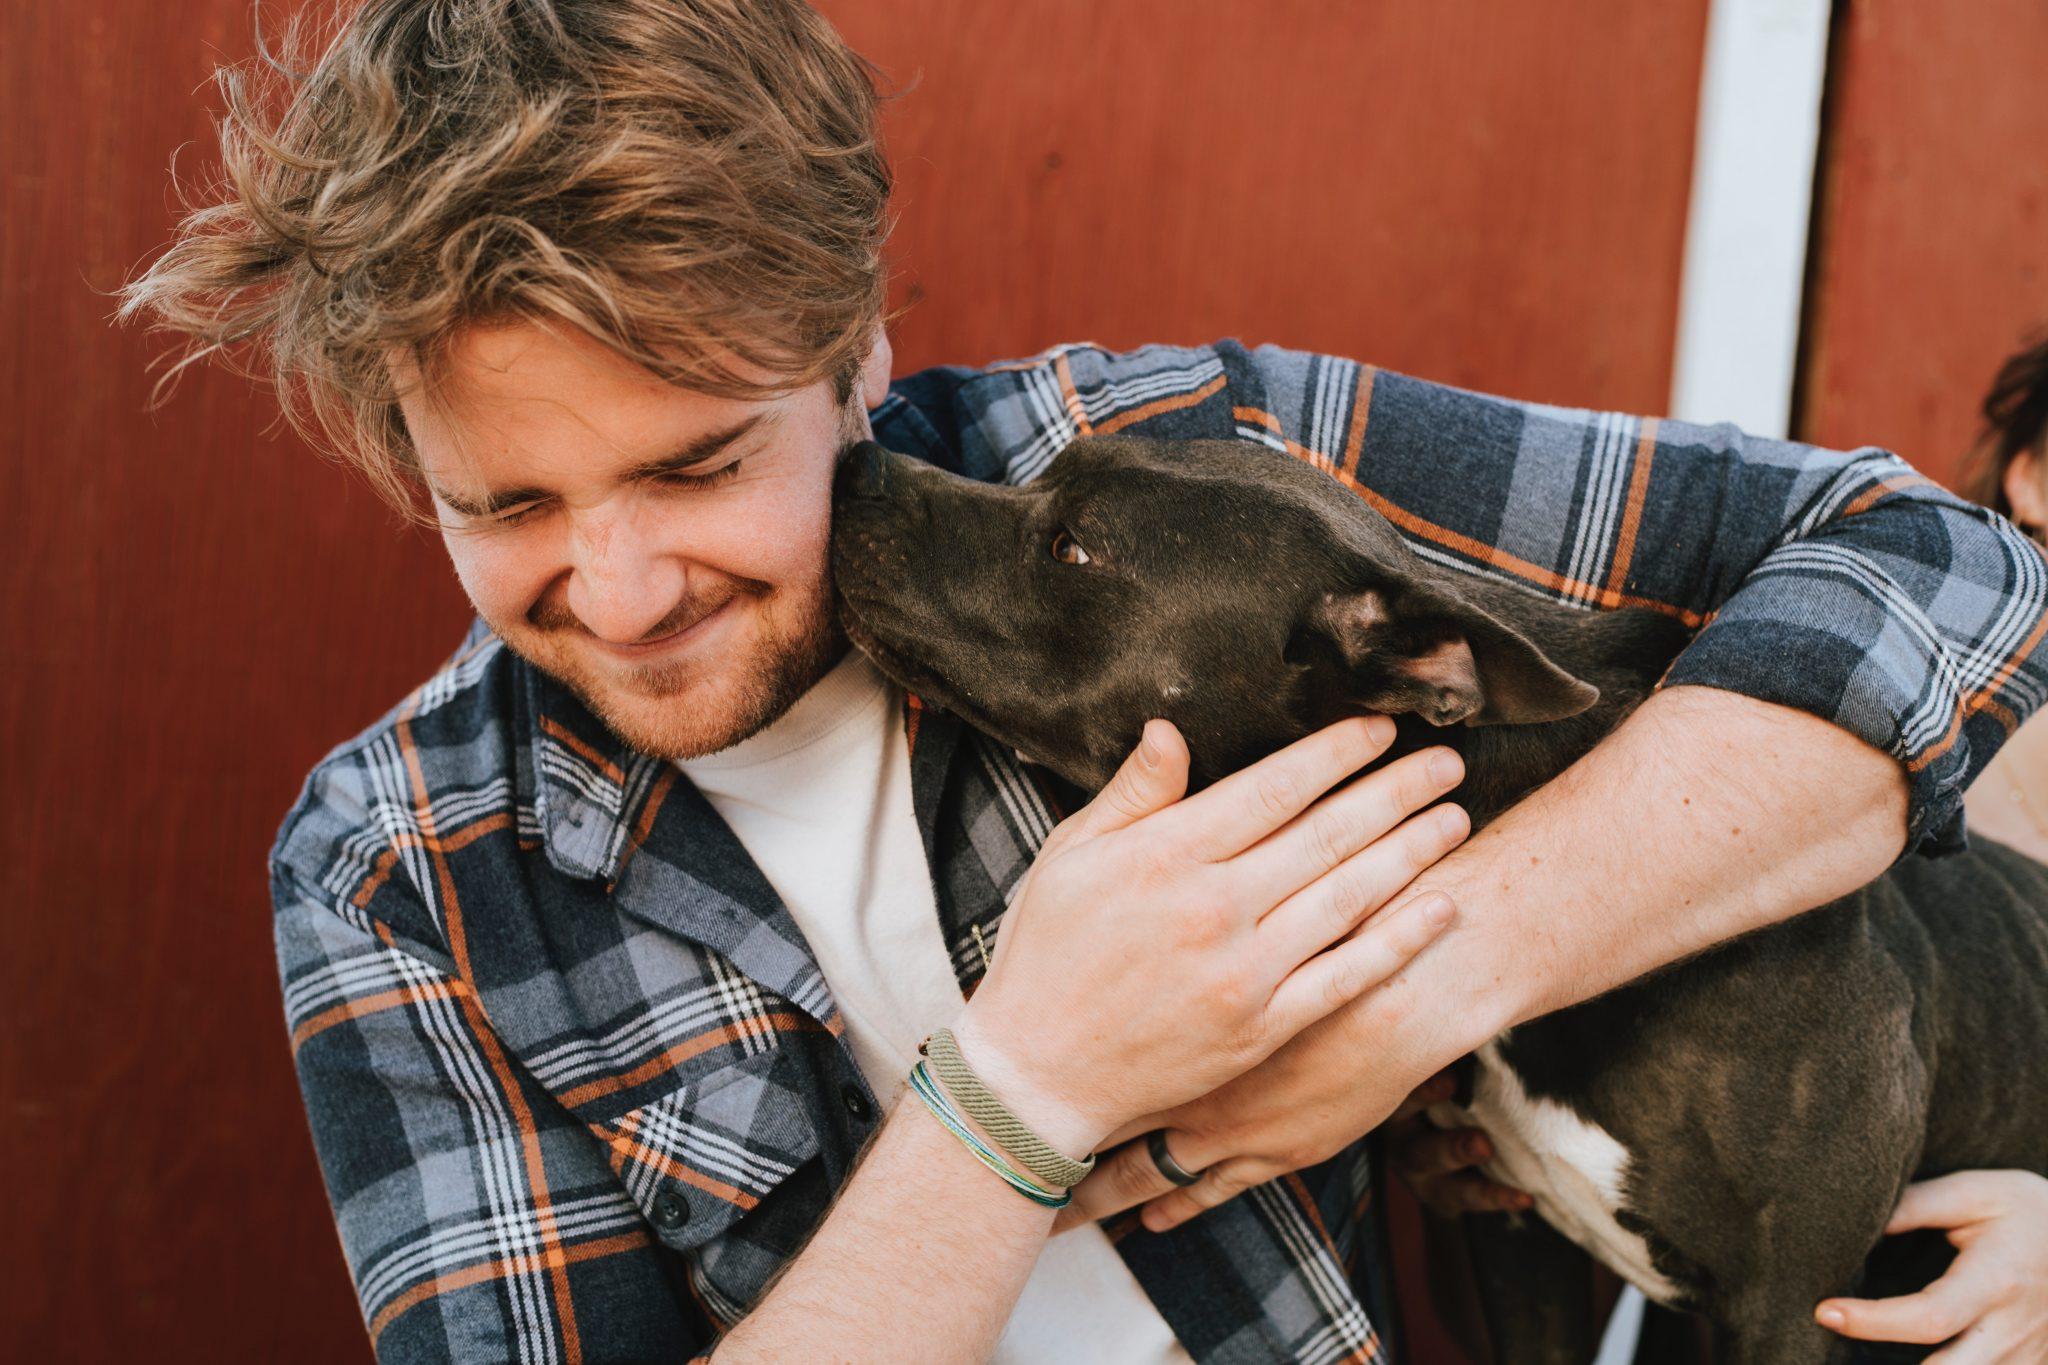 Čovek i pas; Foto rawpixel.com pexels.com